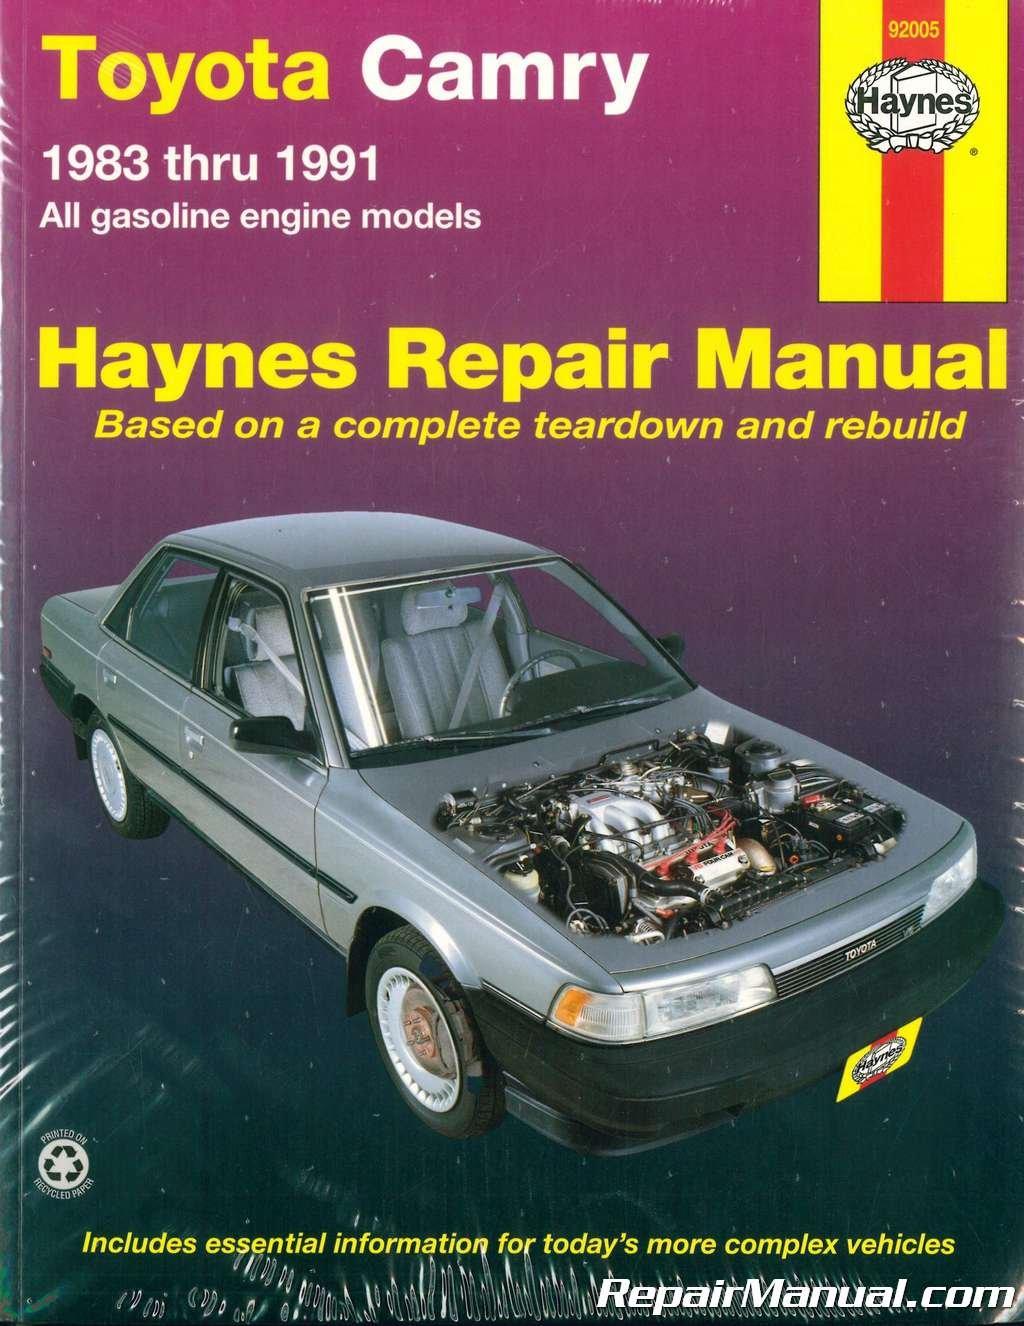 H92005 Haynes Toyota Camry 1983-1991 Auto Repair Manual: Manufacturer:  Amazon.com: Books